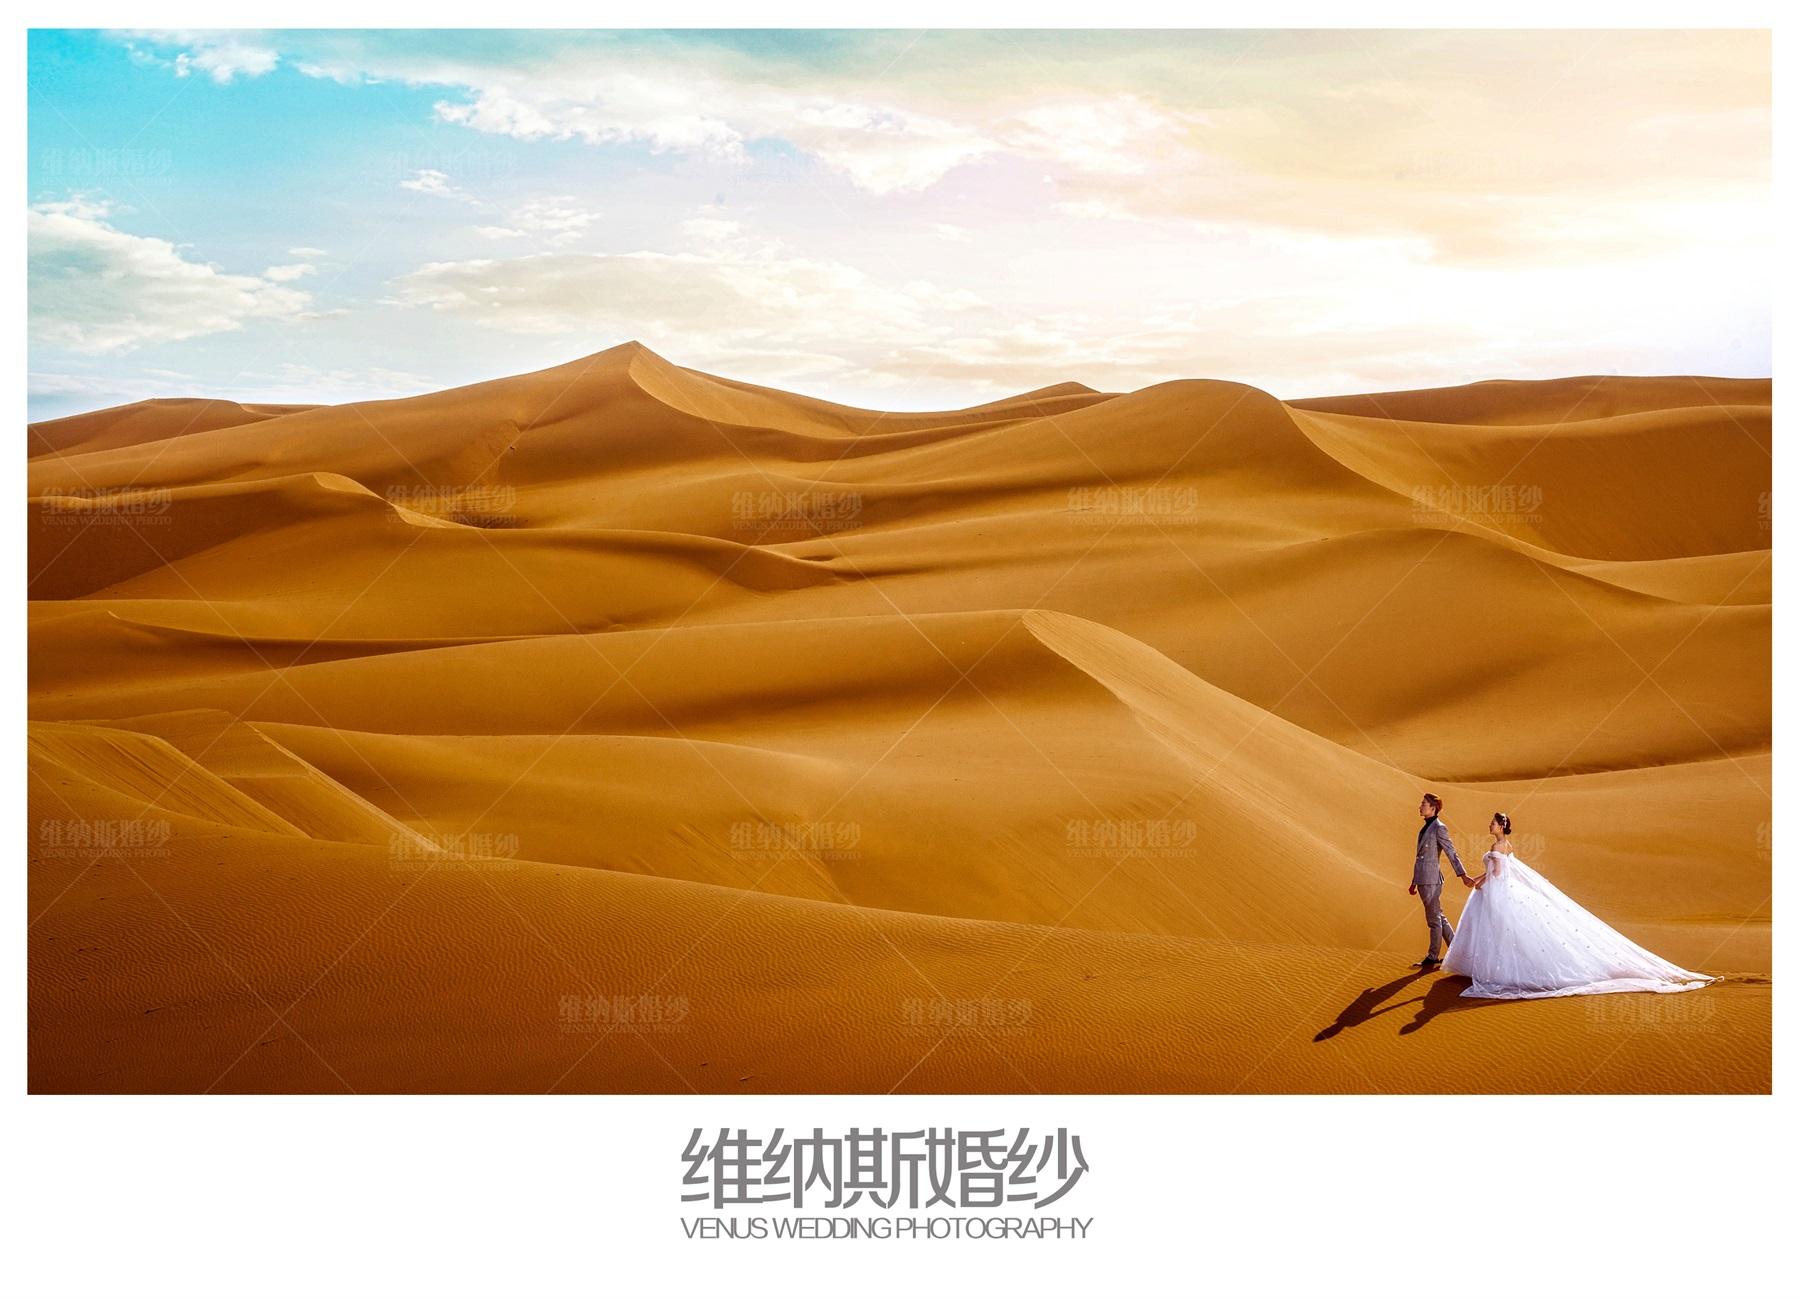 维纳斯-大漠爱情